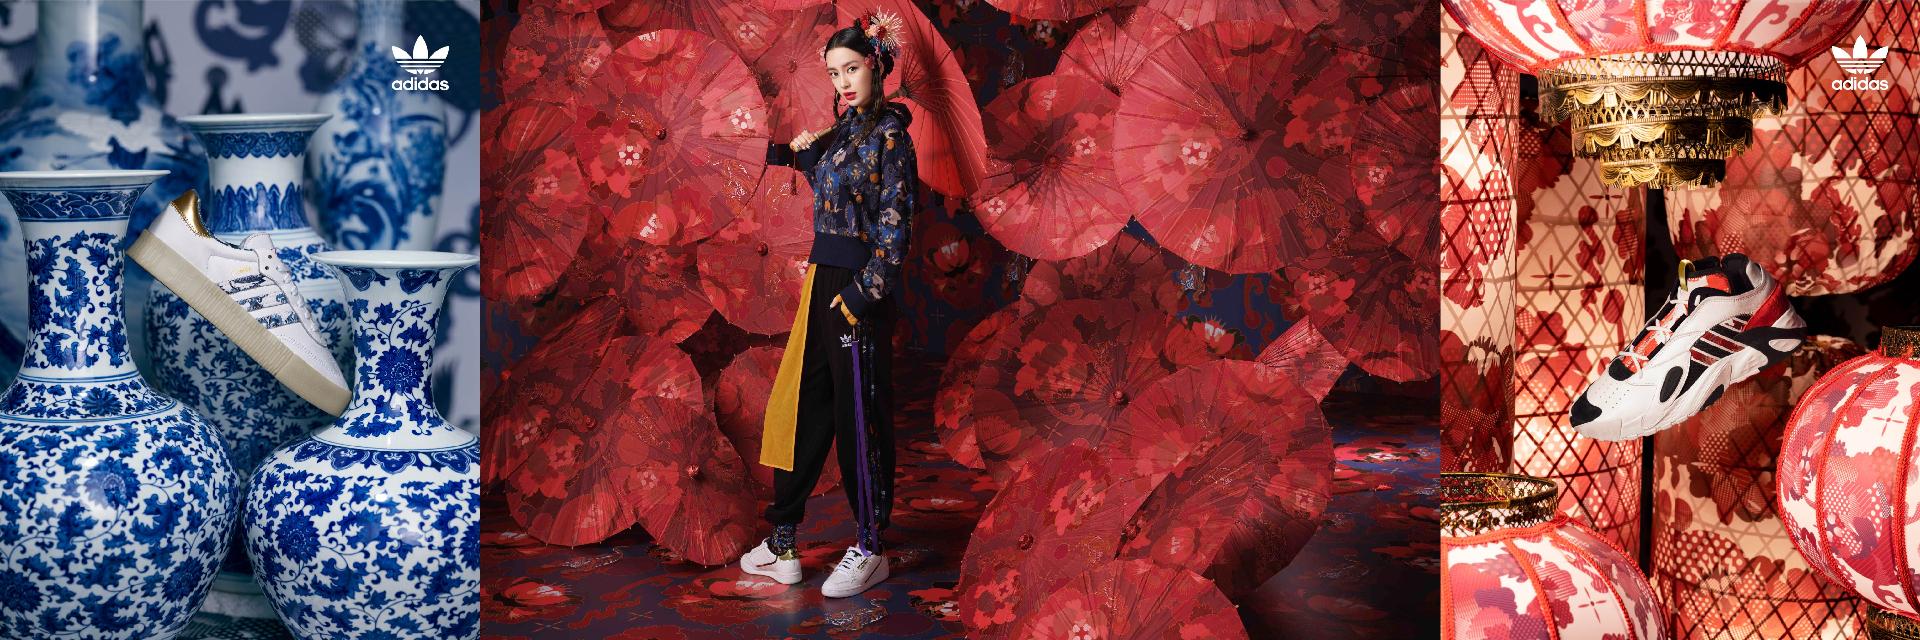 adidas Originals全新「中國風mix街頭潮流」系列一穿上氣勢秒爆棚!網友表示:過年必敗就是這款!